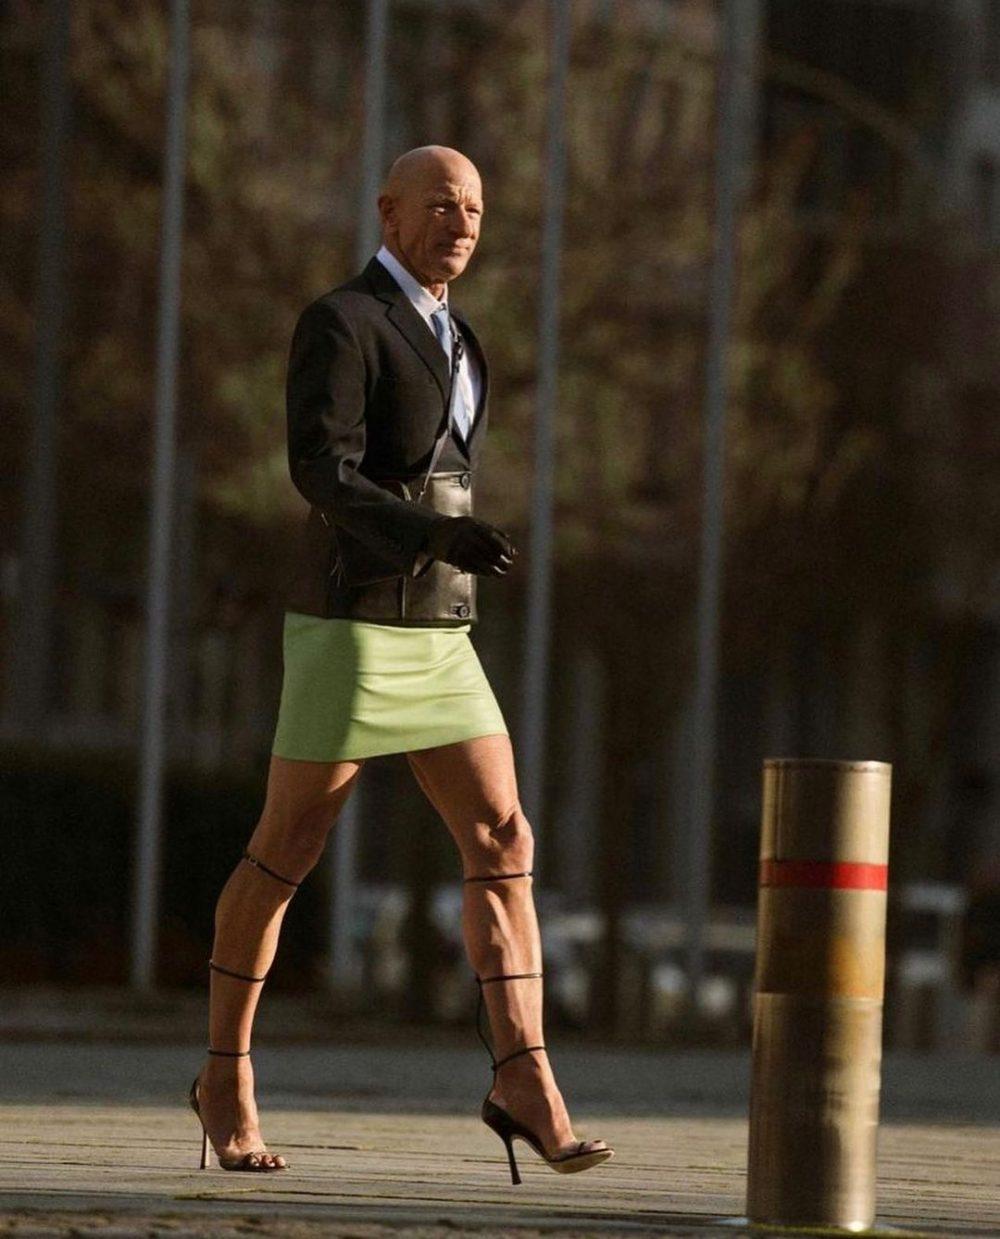 Mark Bryan es un ingeniero robótico heterosexual, de 62 años y residente en Berlín, que hace 5 años comenzó a vestir con tacones de aguja y faldas para ir a trabajar sencillamente porque le gusta vestir así.